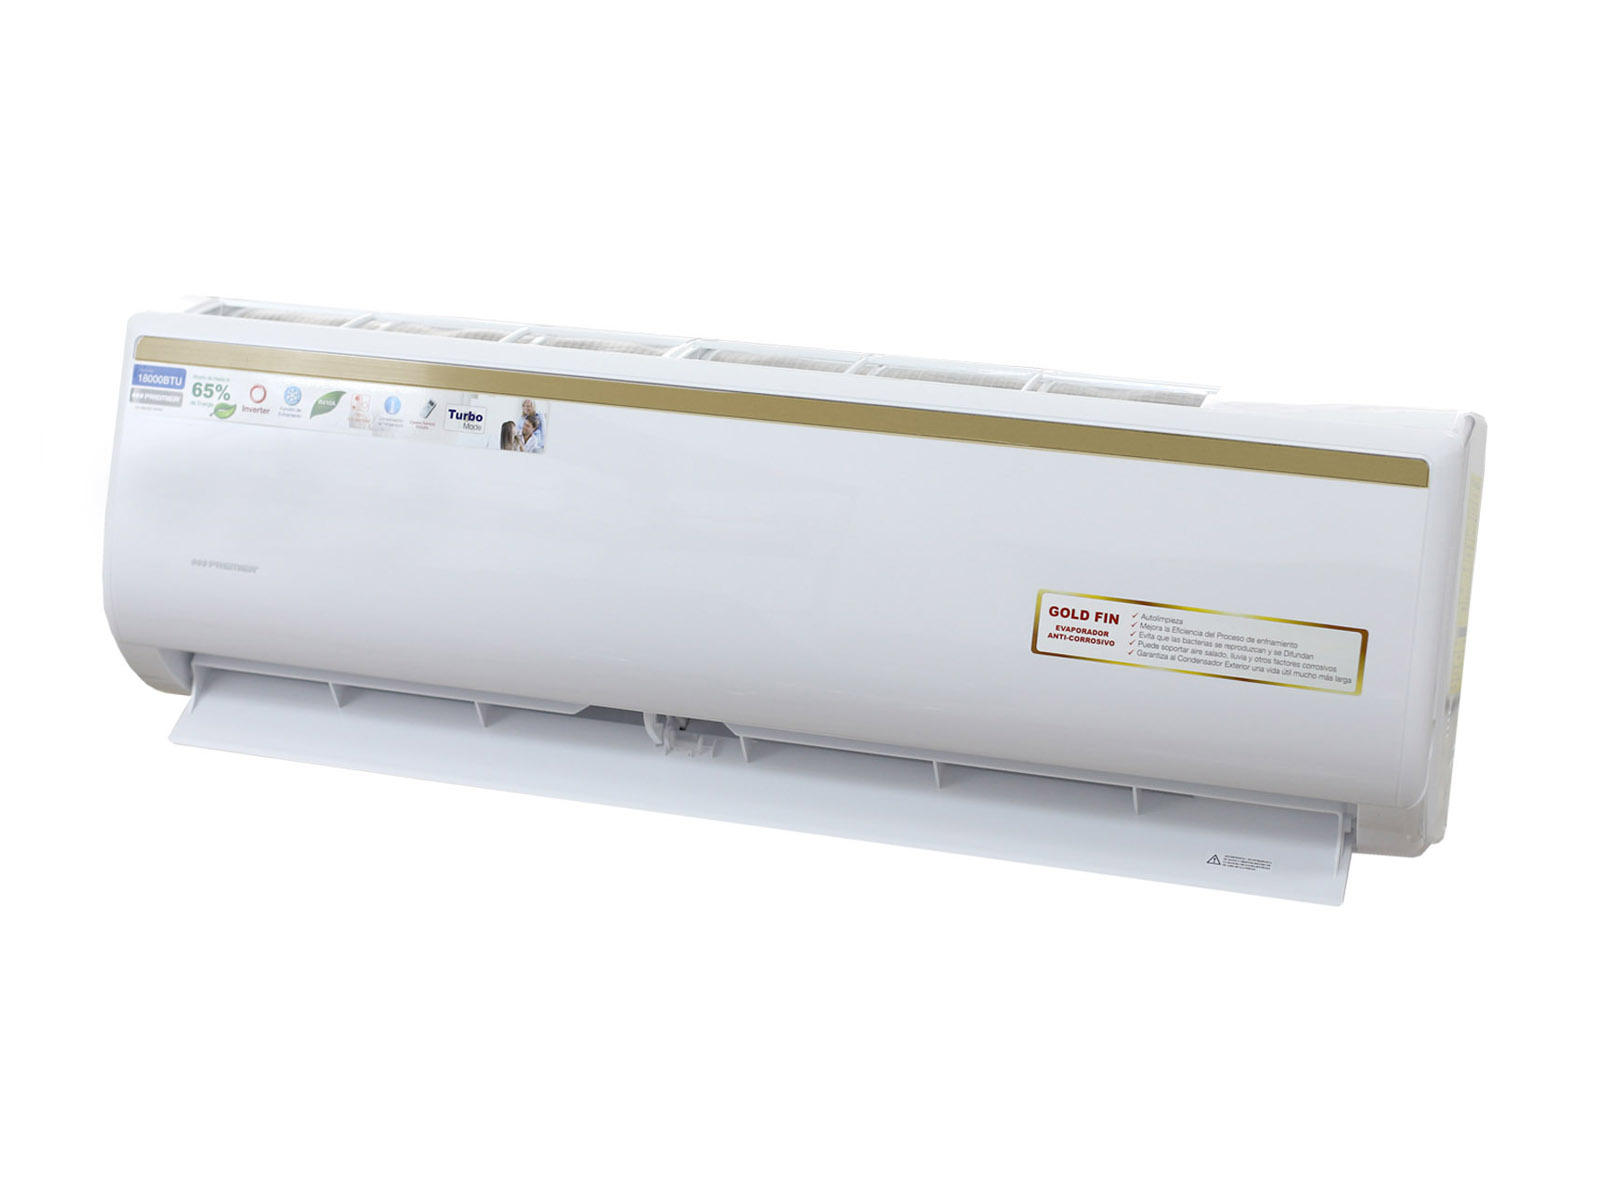 Imagen de producto Aa split 18000btu inverter (1+1) 2